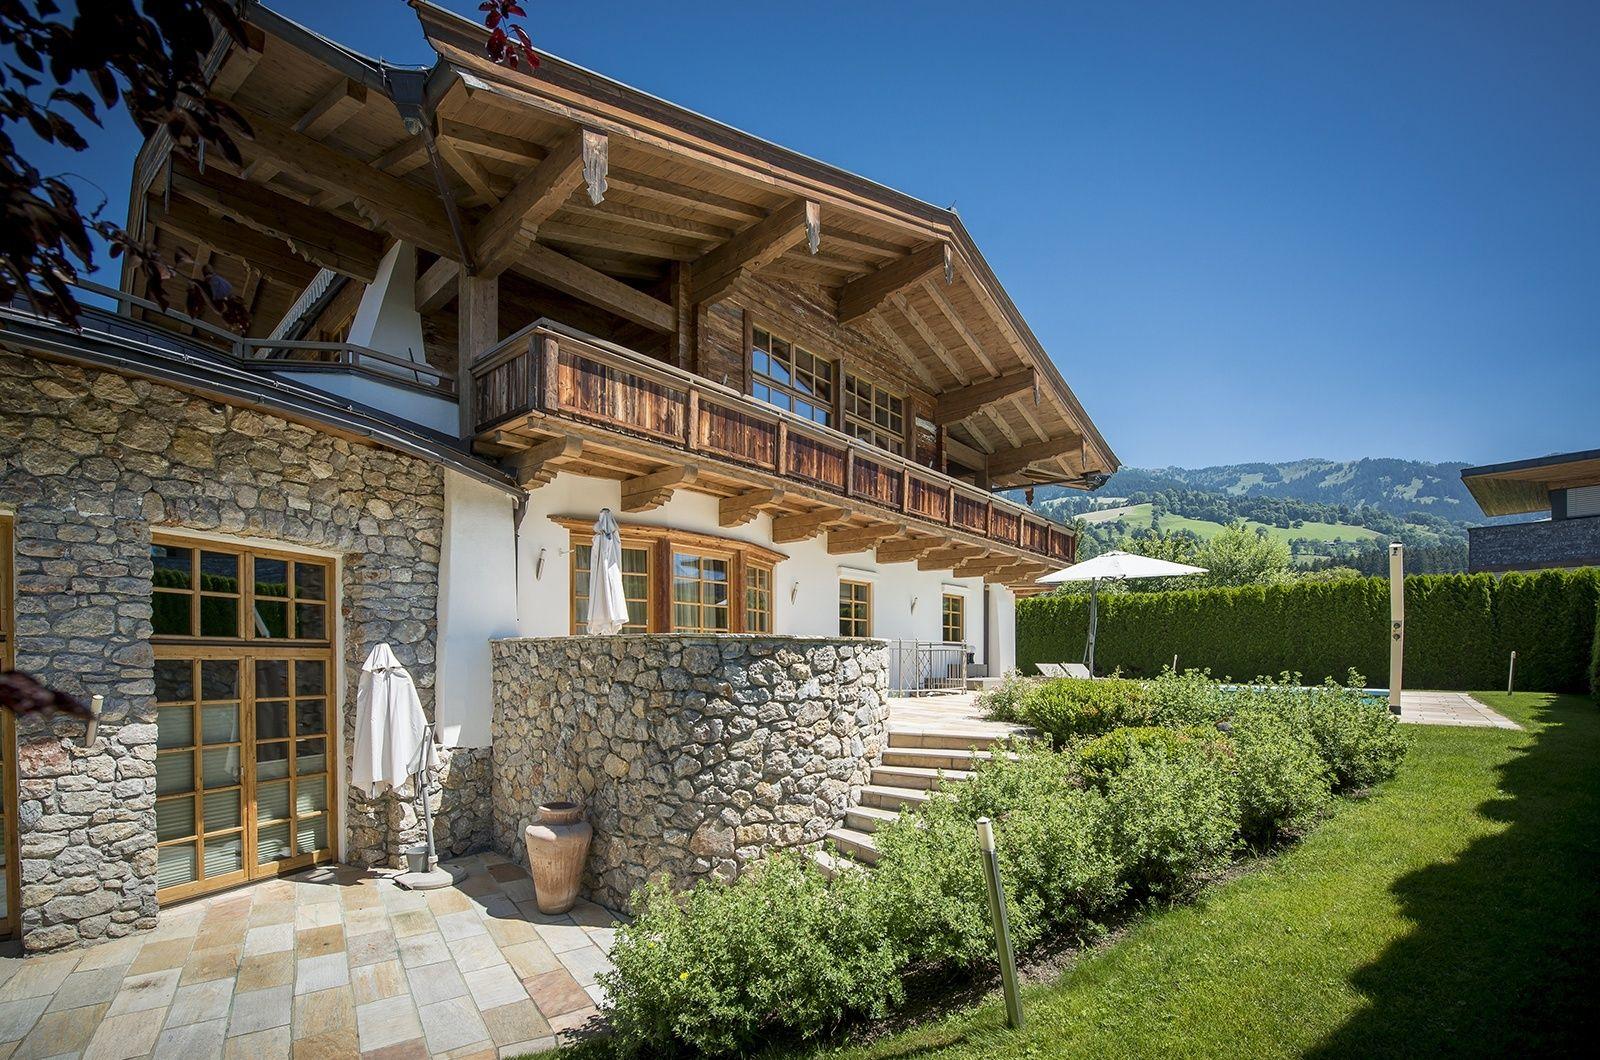 chalet sun valley hochwertige architektur im landhausstil chalet pinterest bauernhaus. Black Bedroom Furniture Sets. Home Design Ideas